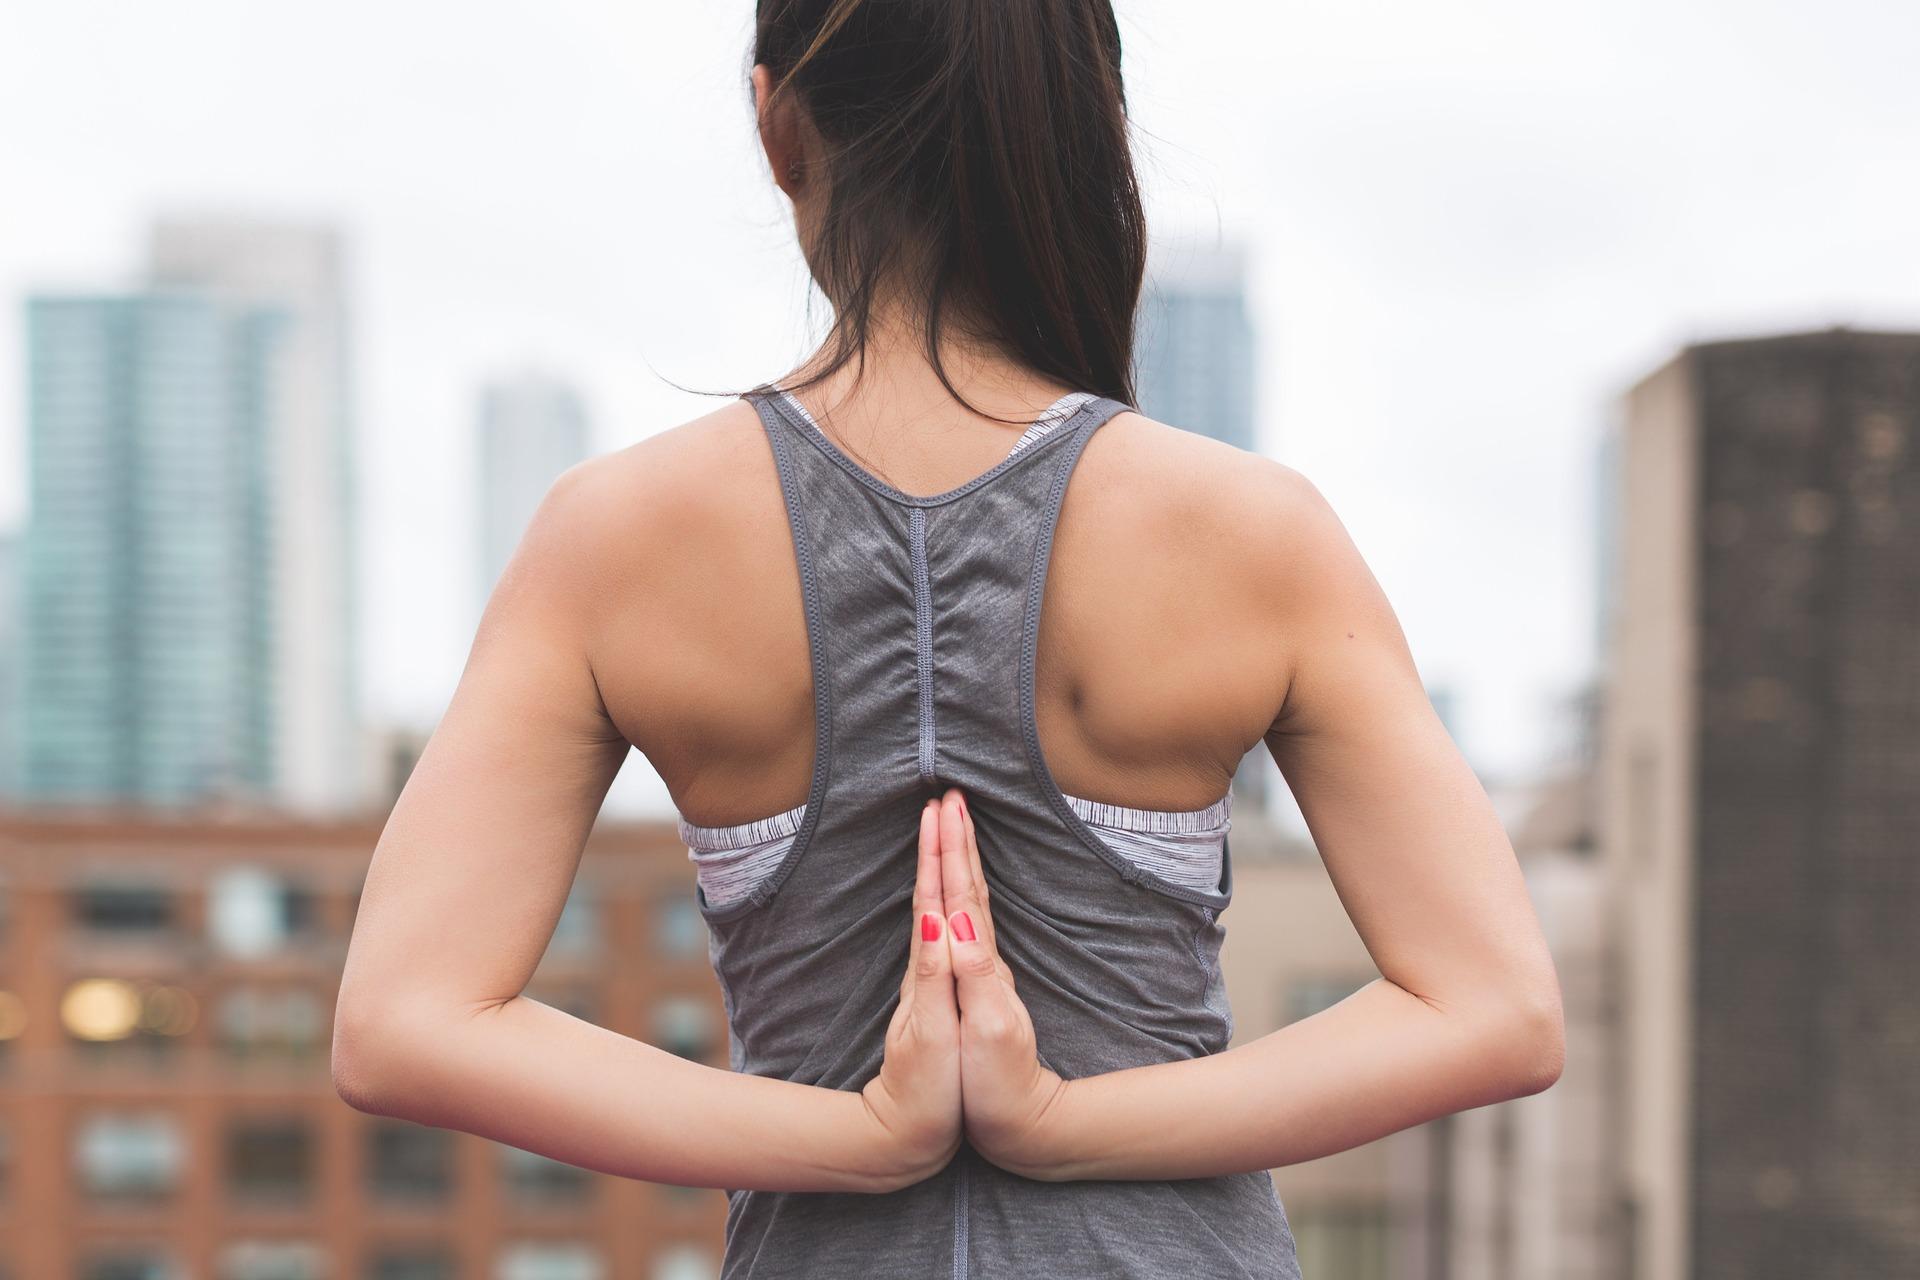 Liikkuvuus on elimistön toimivuuden kannalta tärkeä ominaisuus.